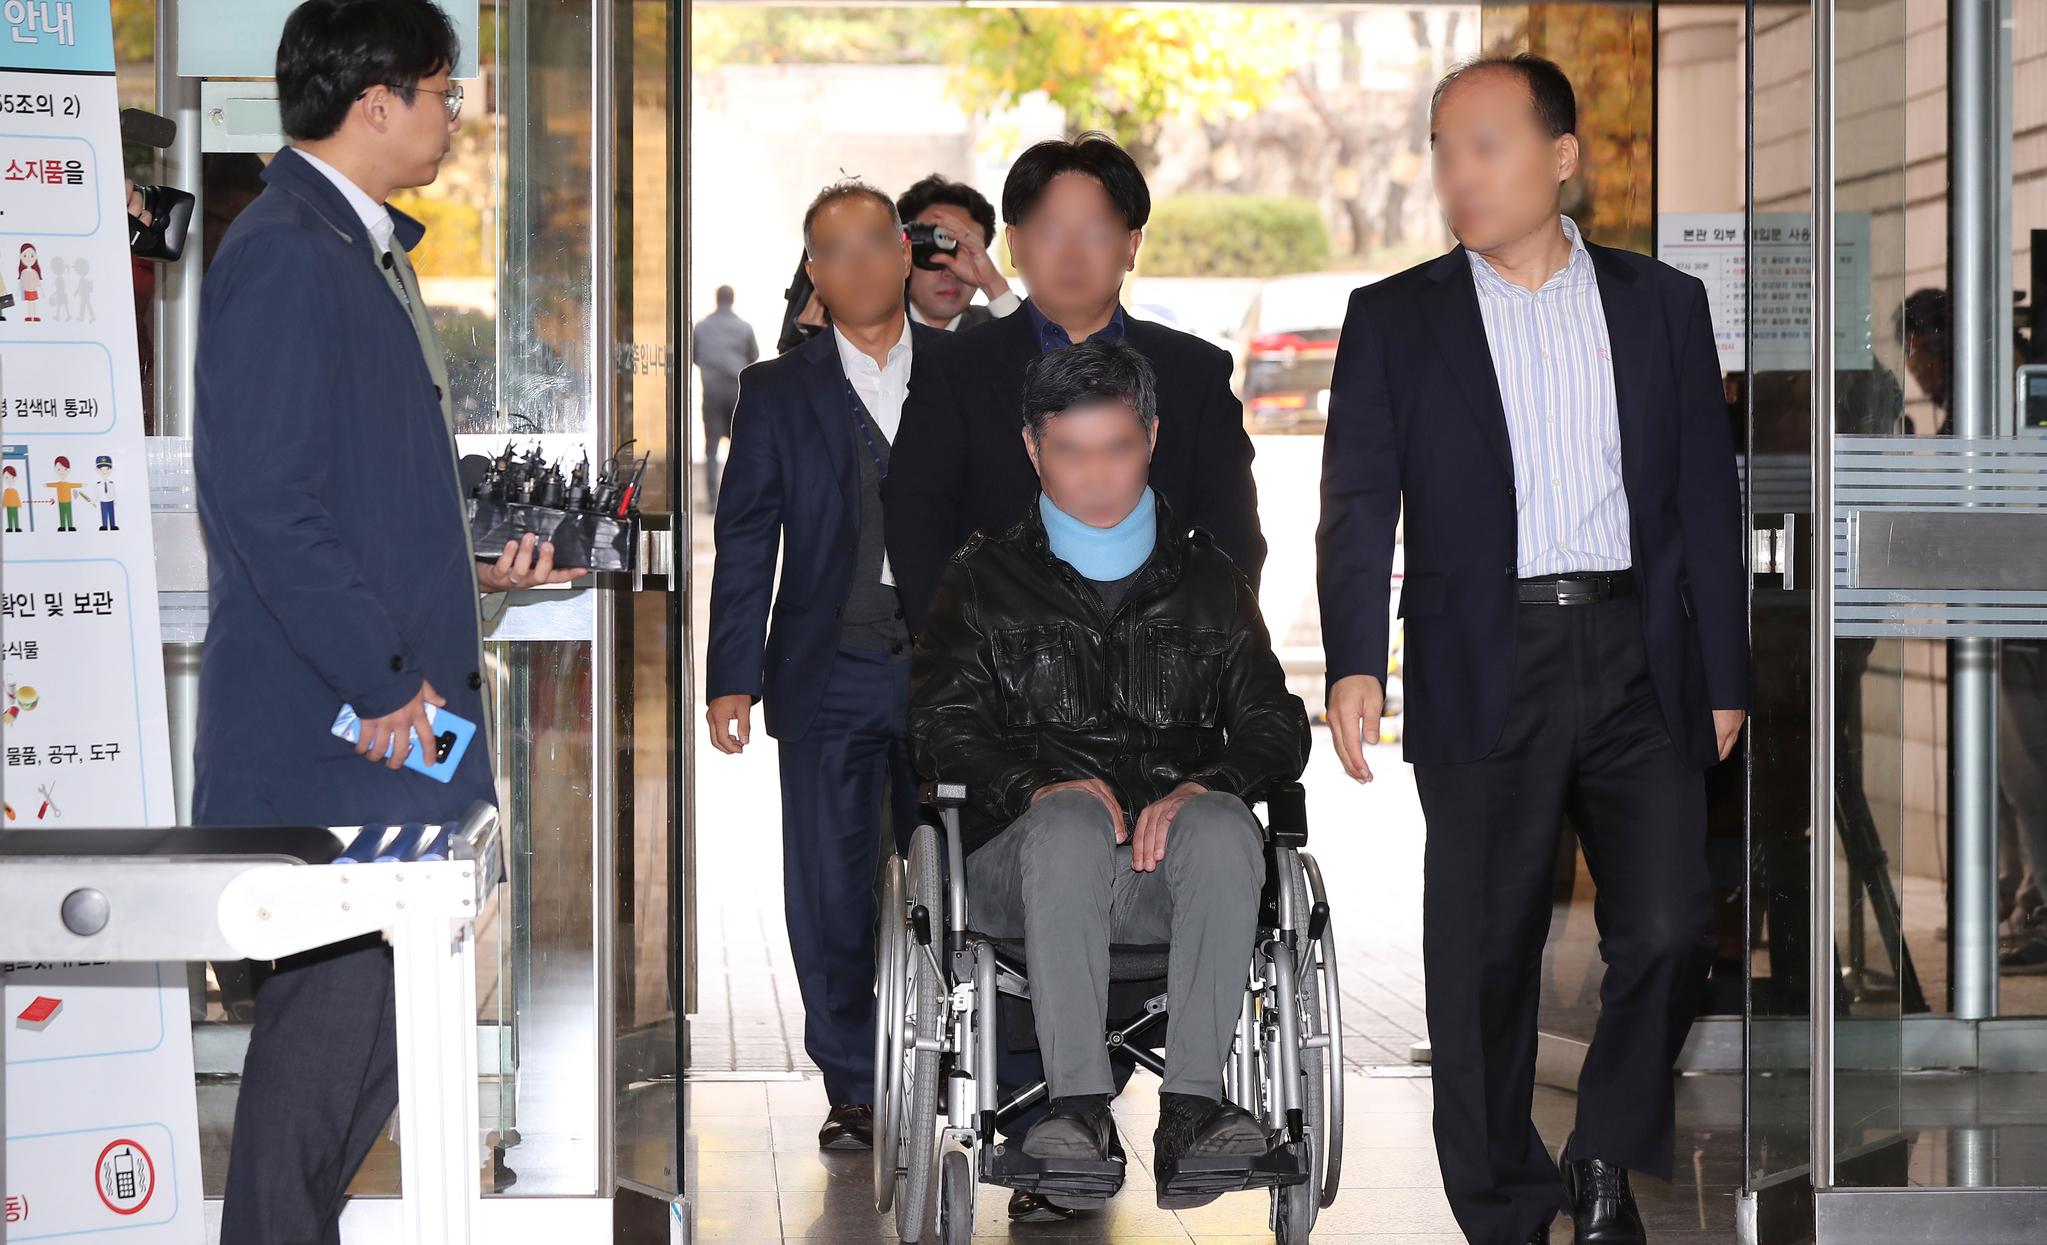 조 전 장관의 동생 조모(52)씨가 지난해 10월 31일 오전 영장실질심사를 받기 위해 서울 서초구 서울중앙지법에 들어서고 있다. 연합뉴스